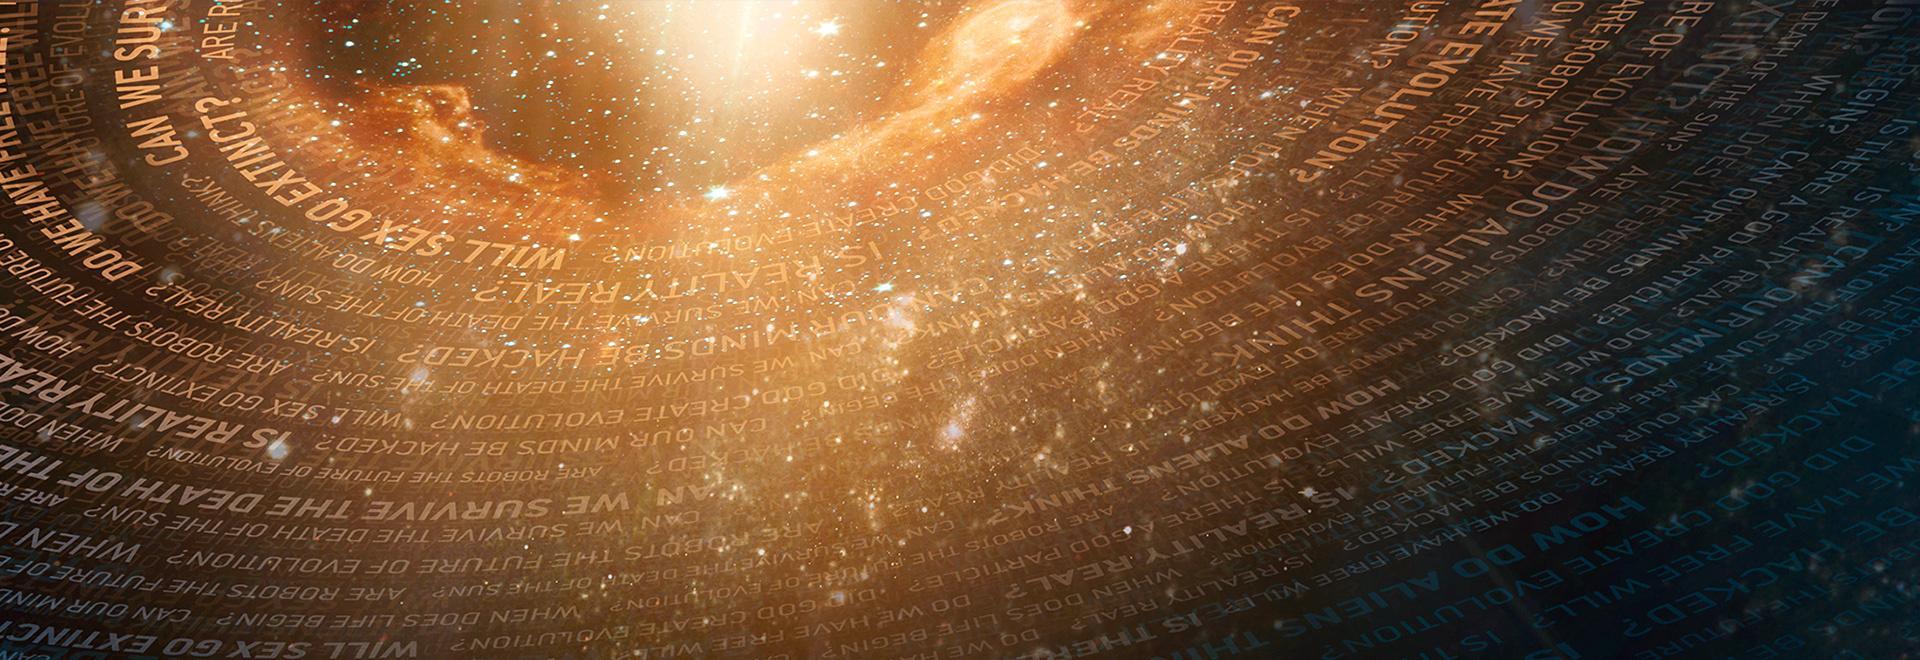 Dio è un concetto alieno?